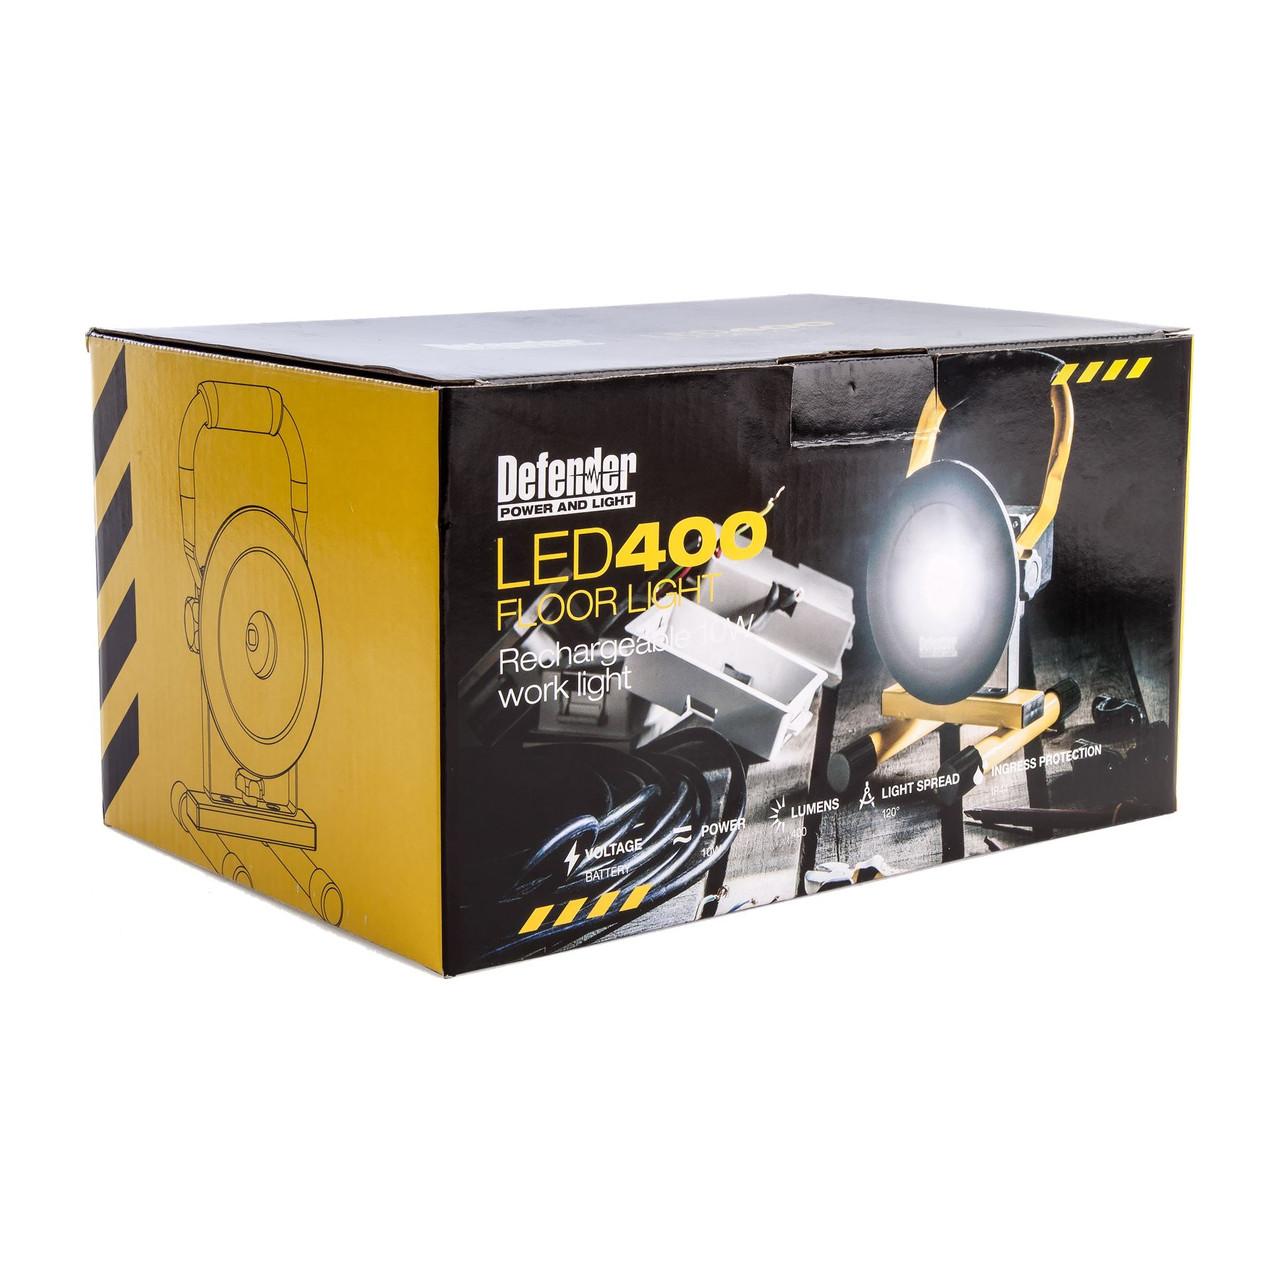 Defender LED 400 Floor Standing Work Light 240v